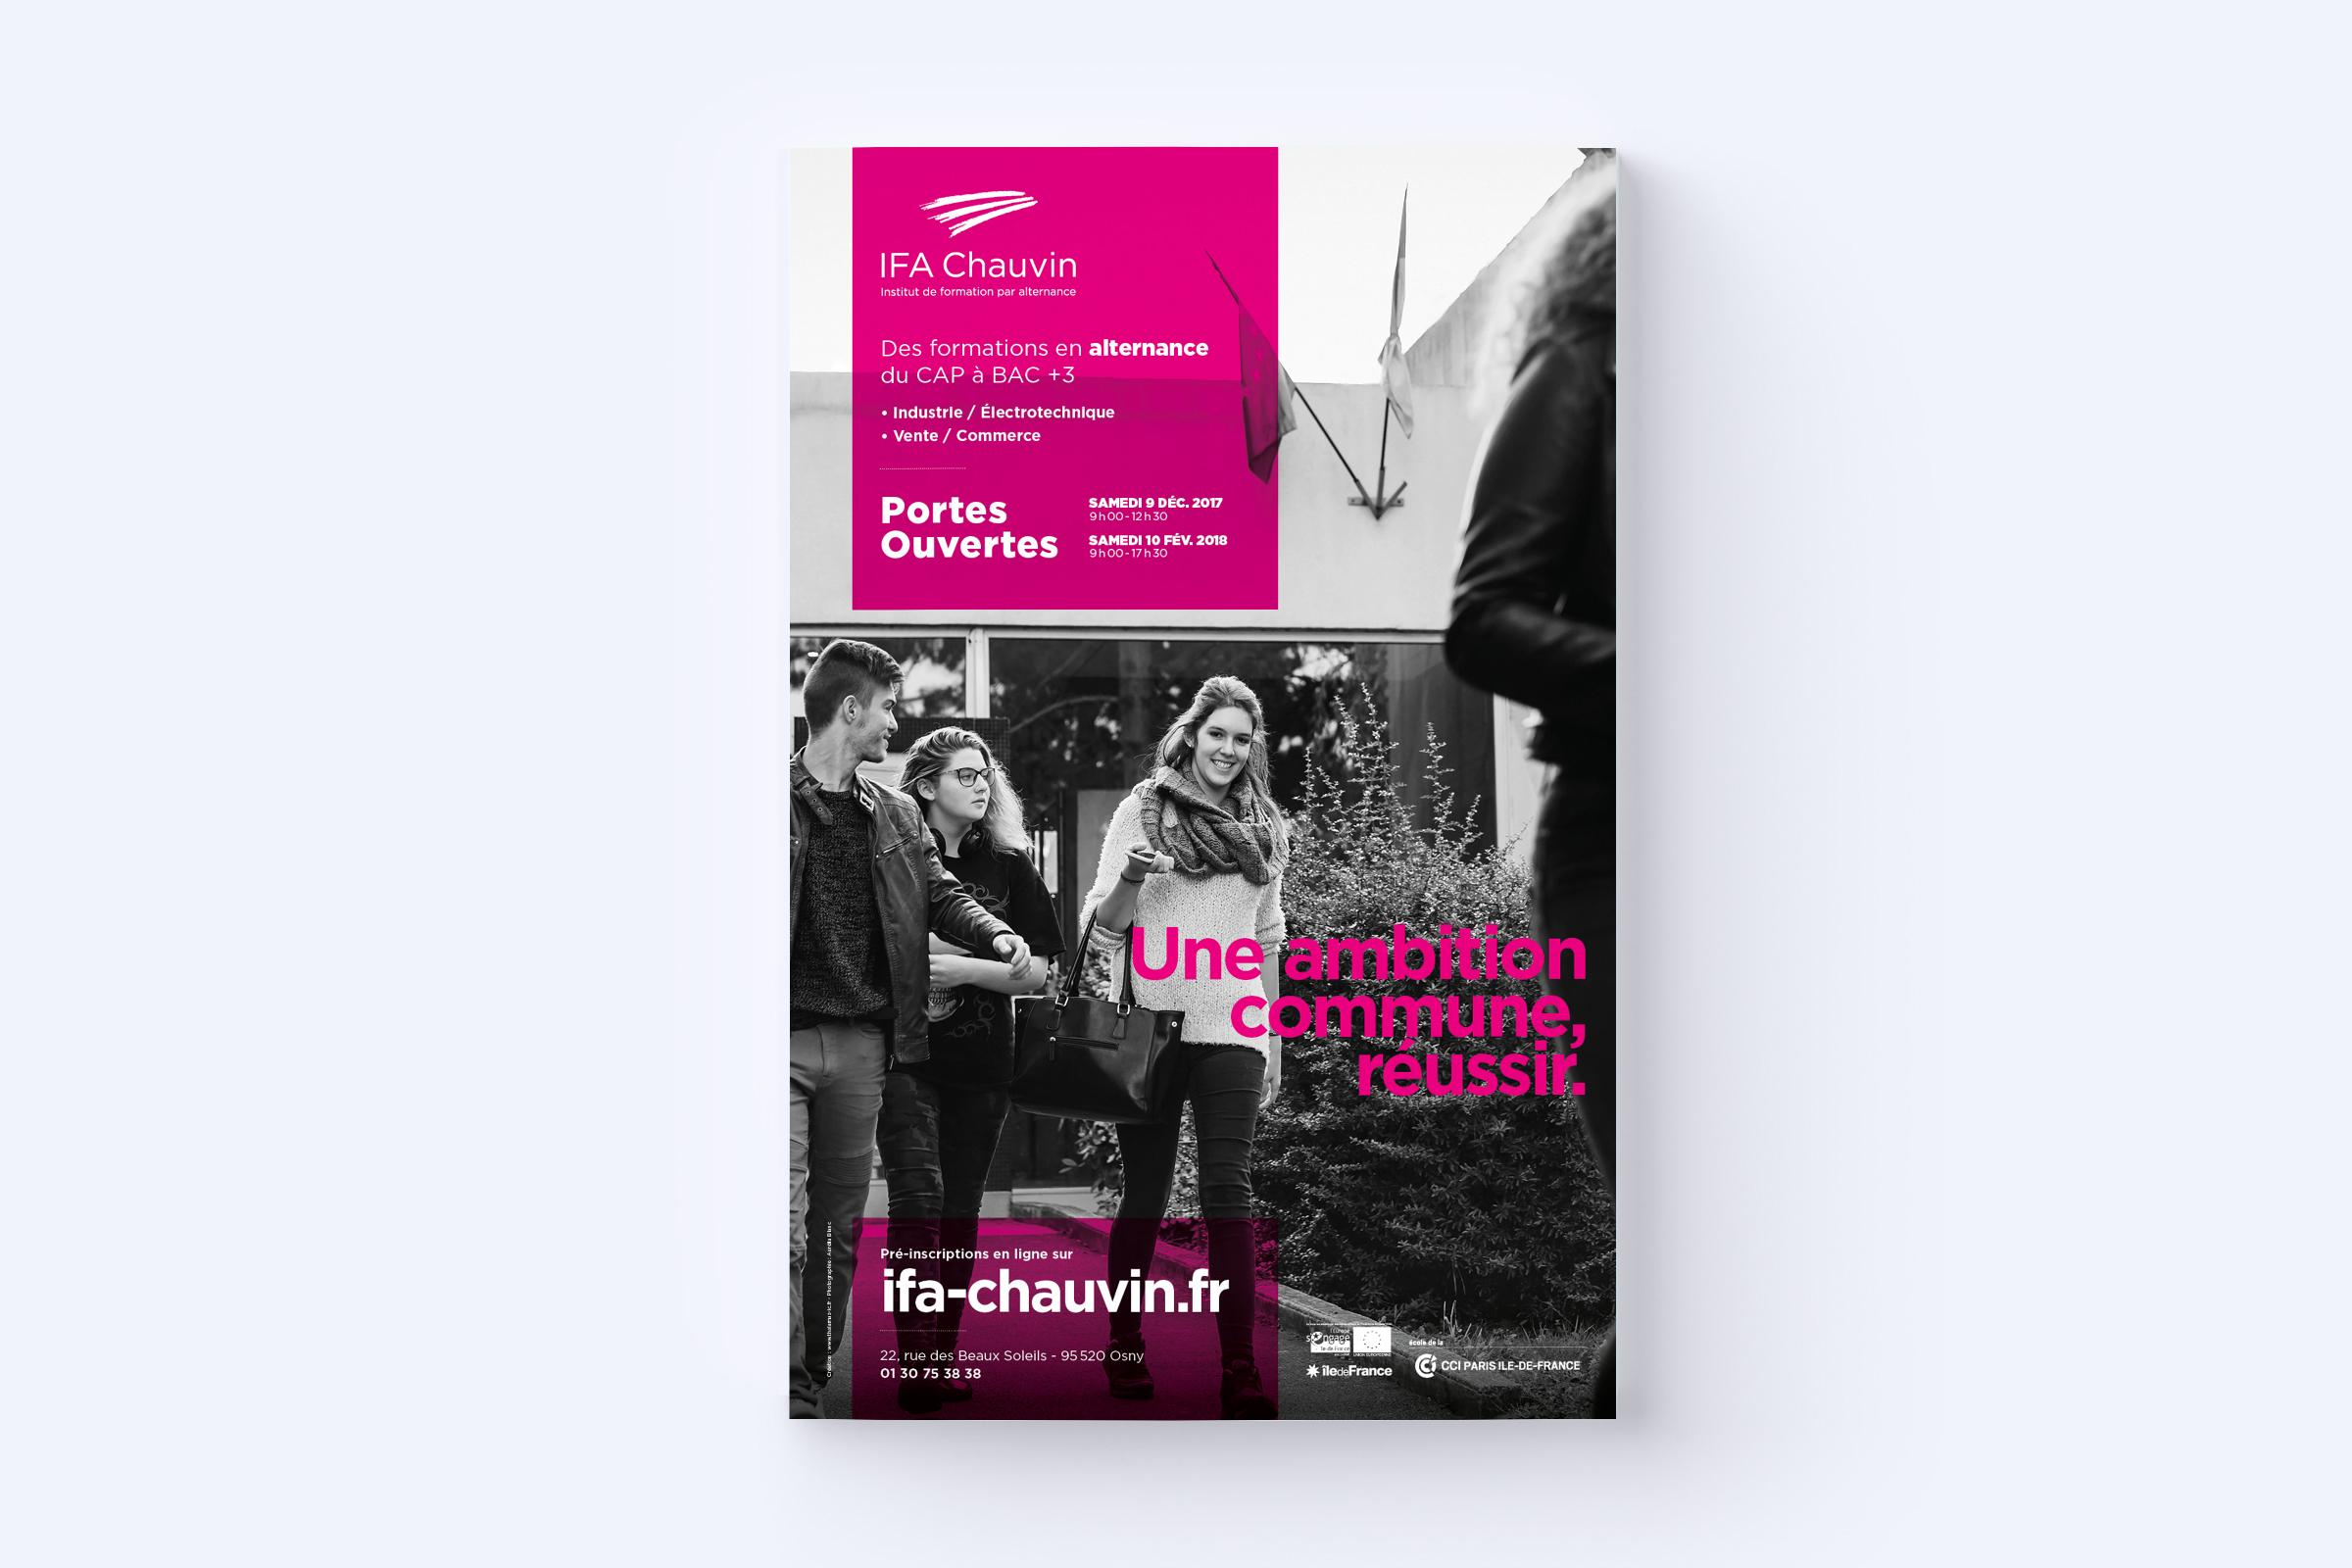 Création d'affiches pour l'IFA Chauvin